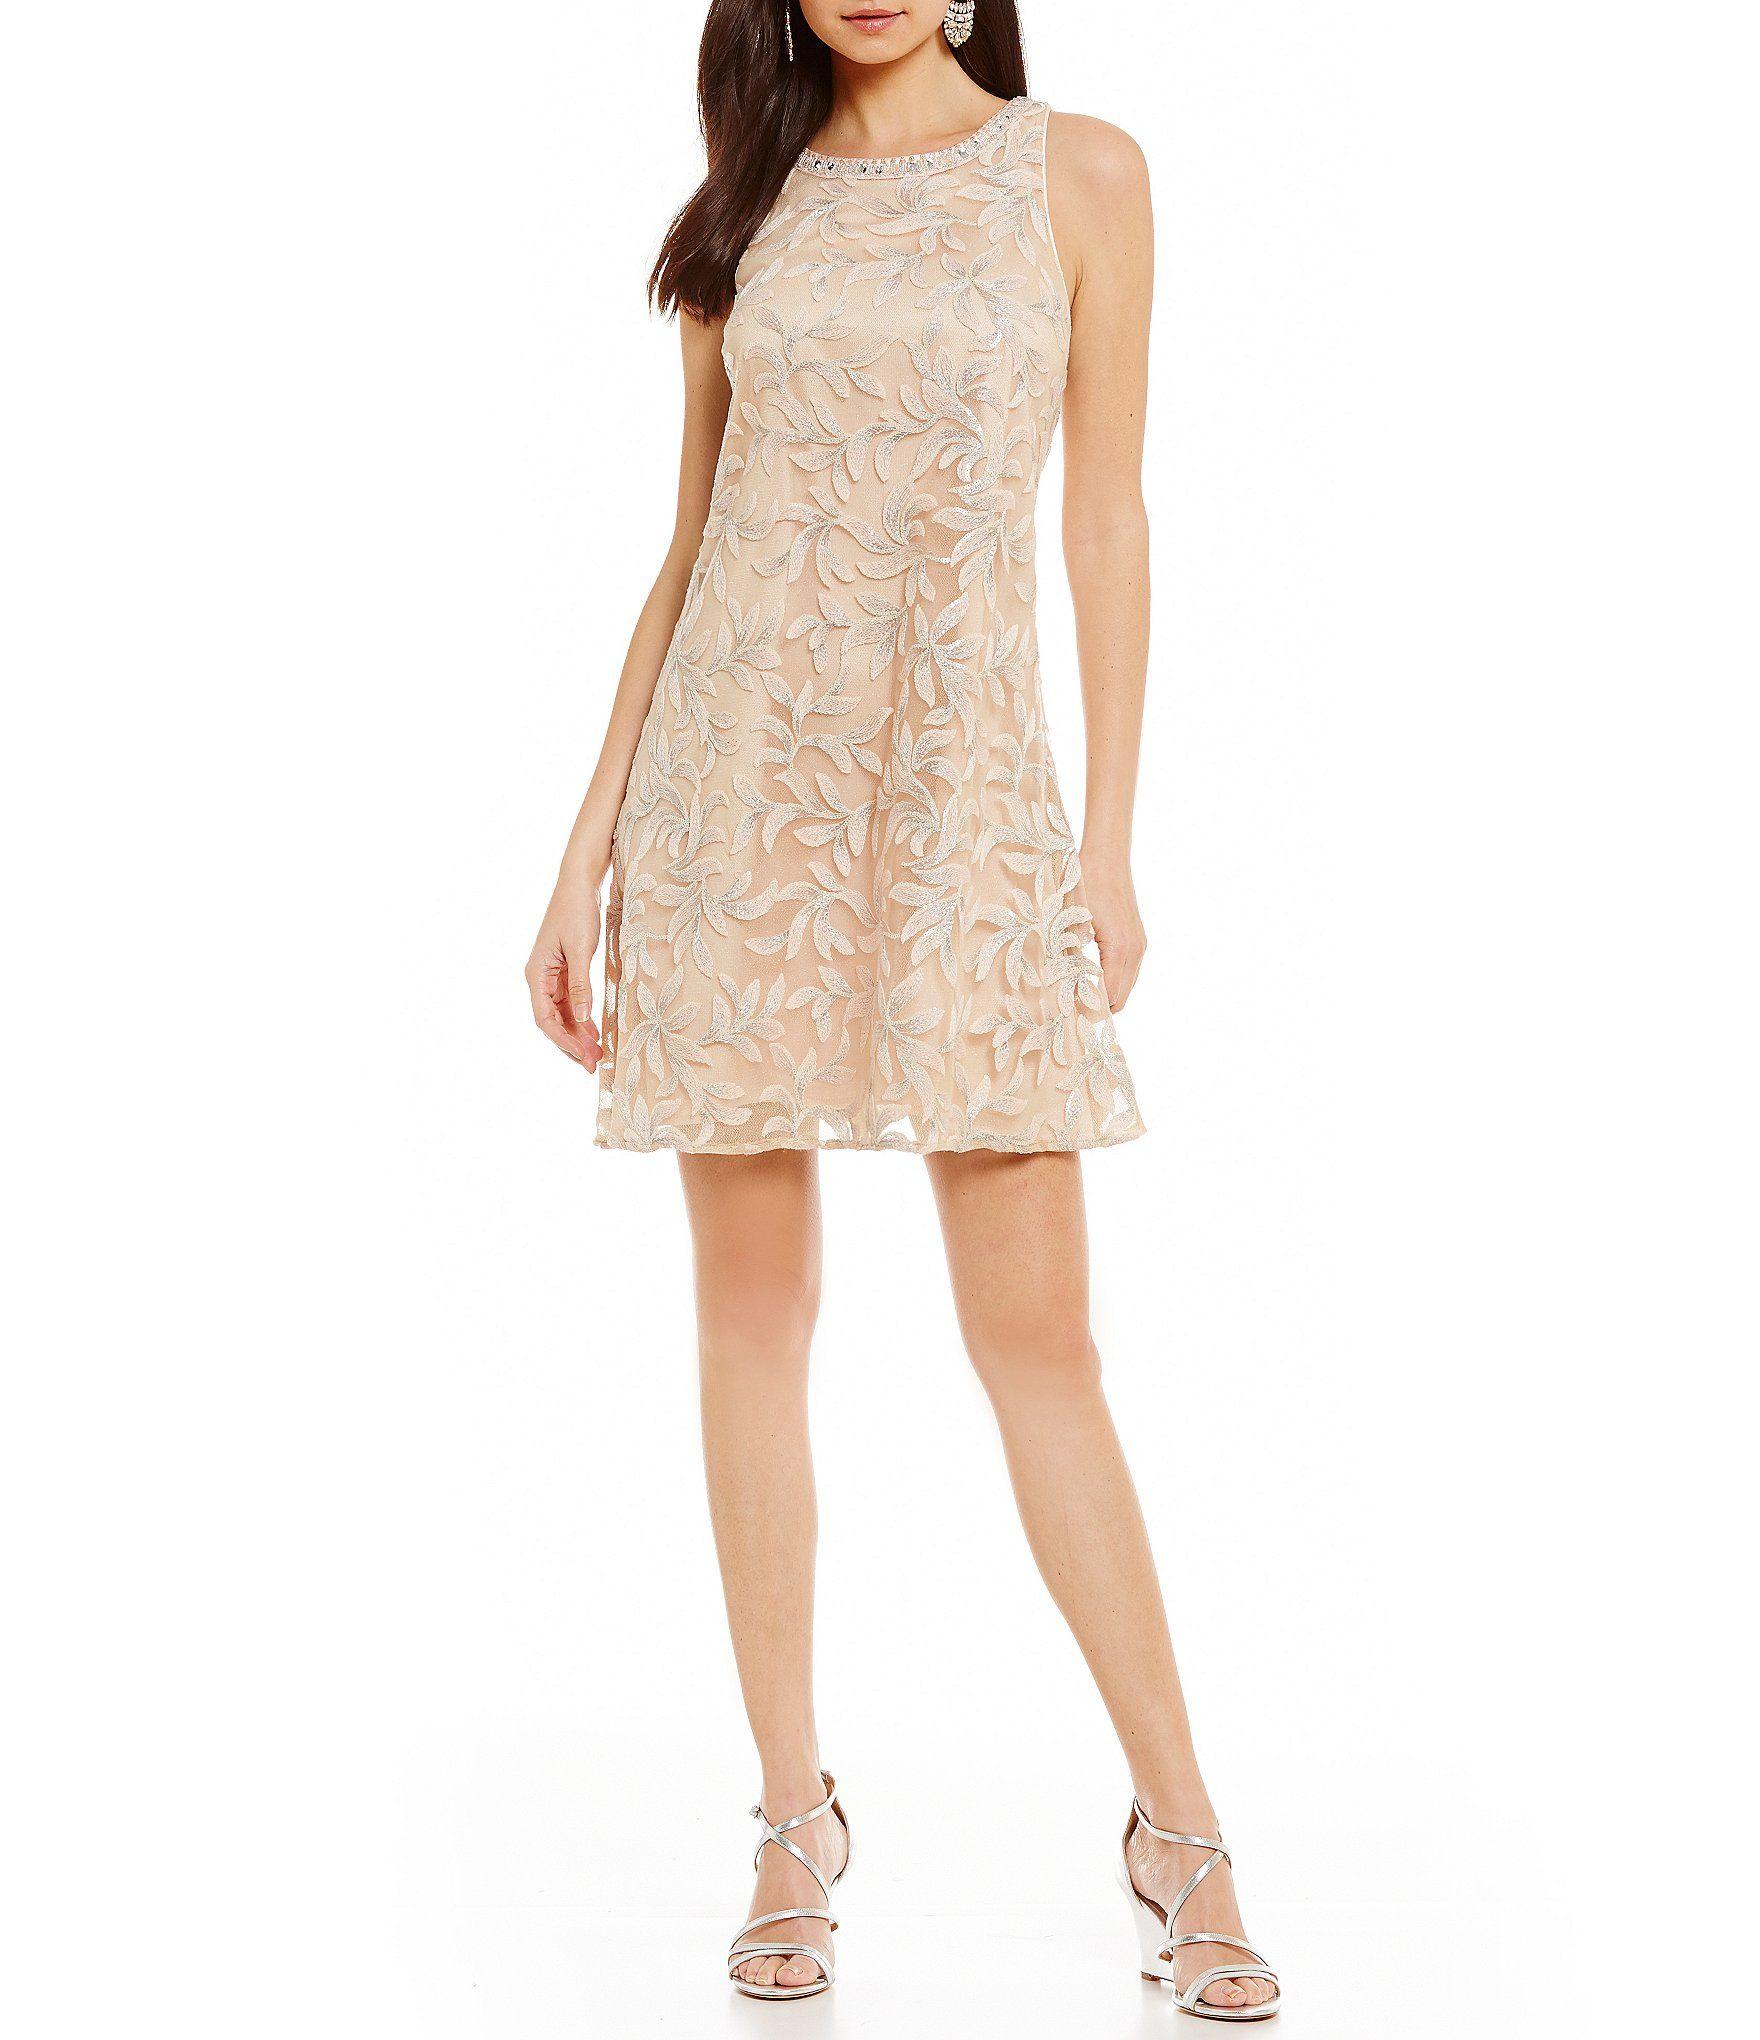 13+ Badgley mischka short sequin dress trends